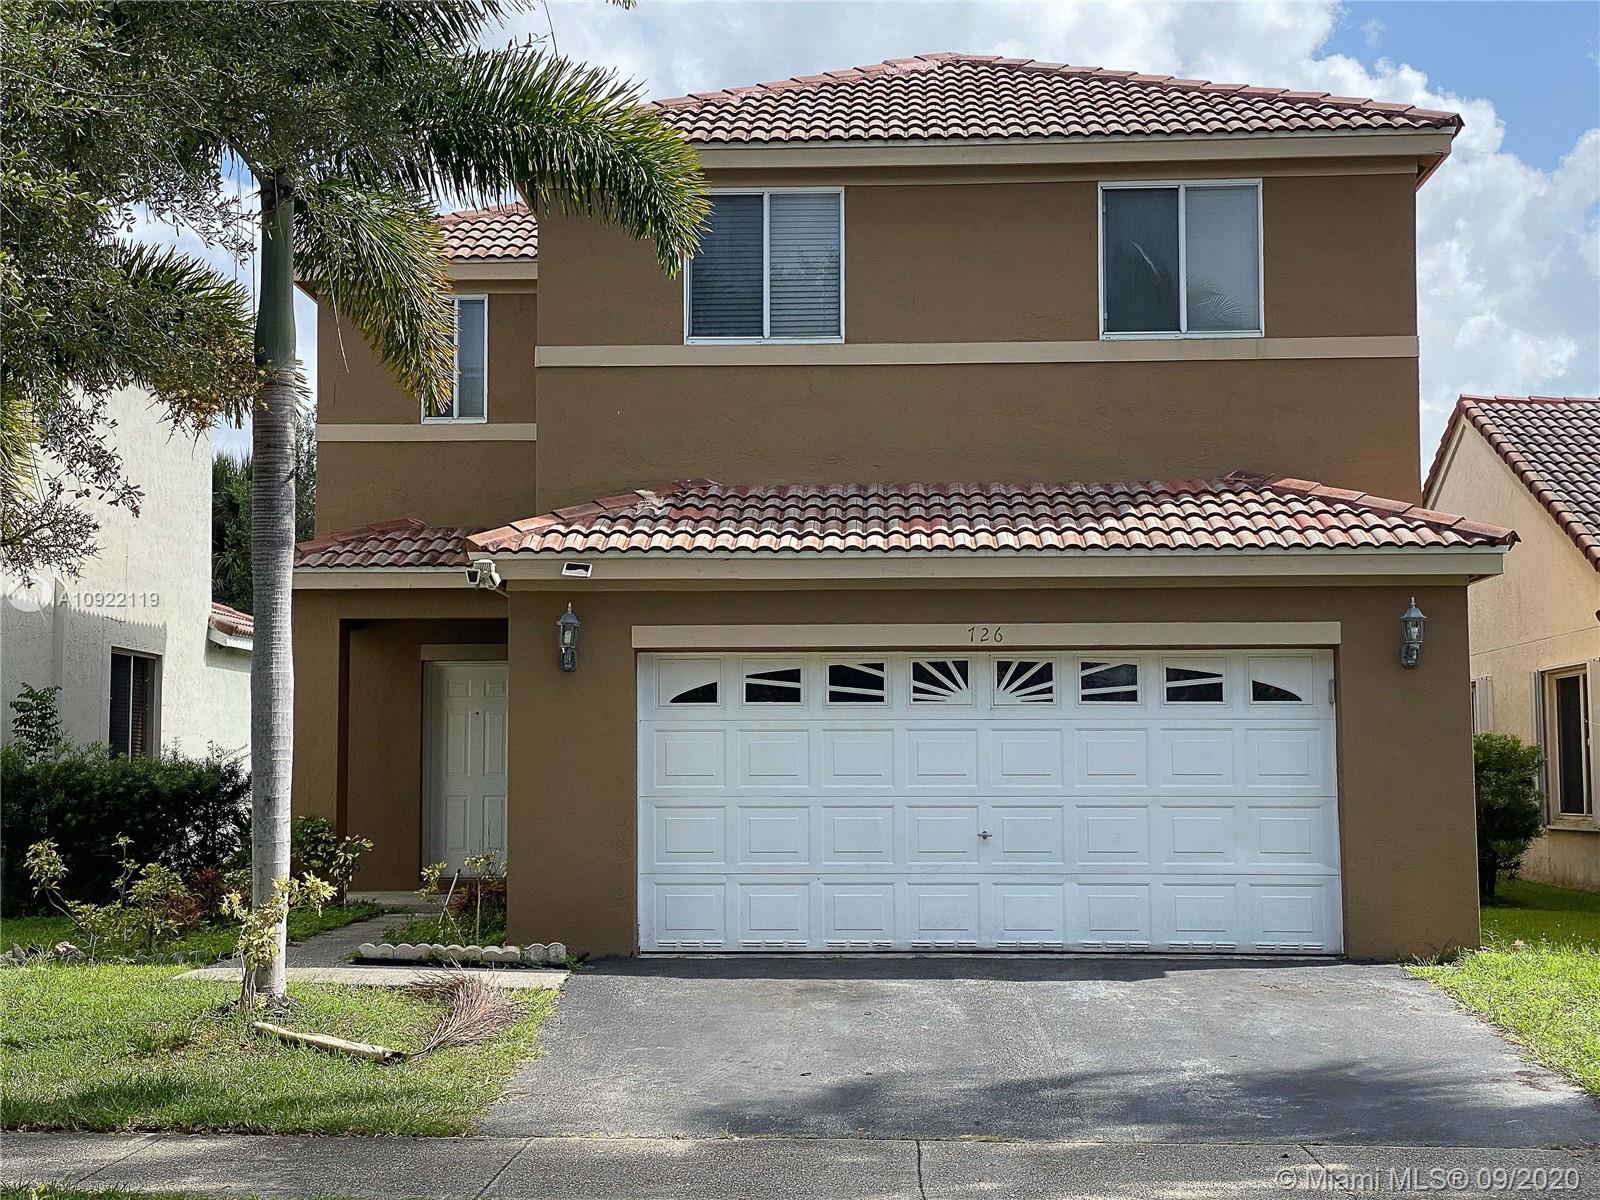 Weston - 726 San Remo Dr, Weston, FL 33326